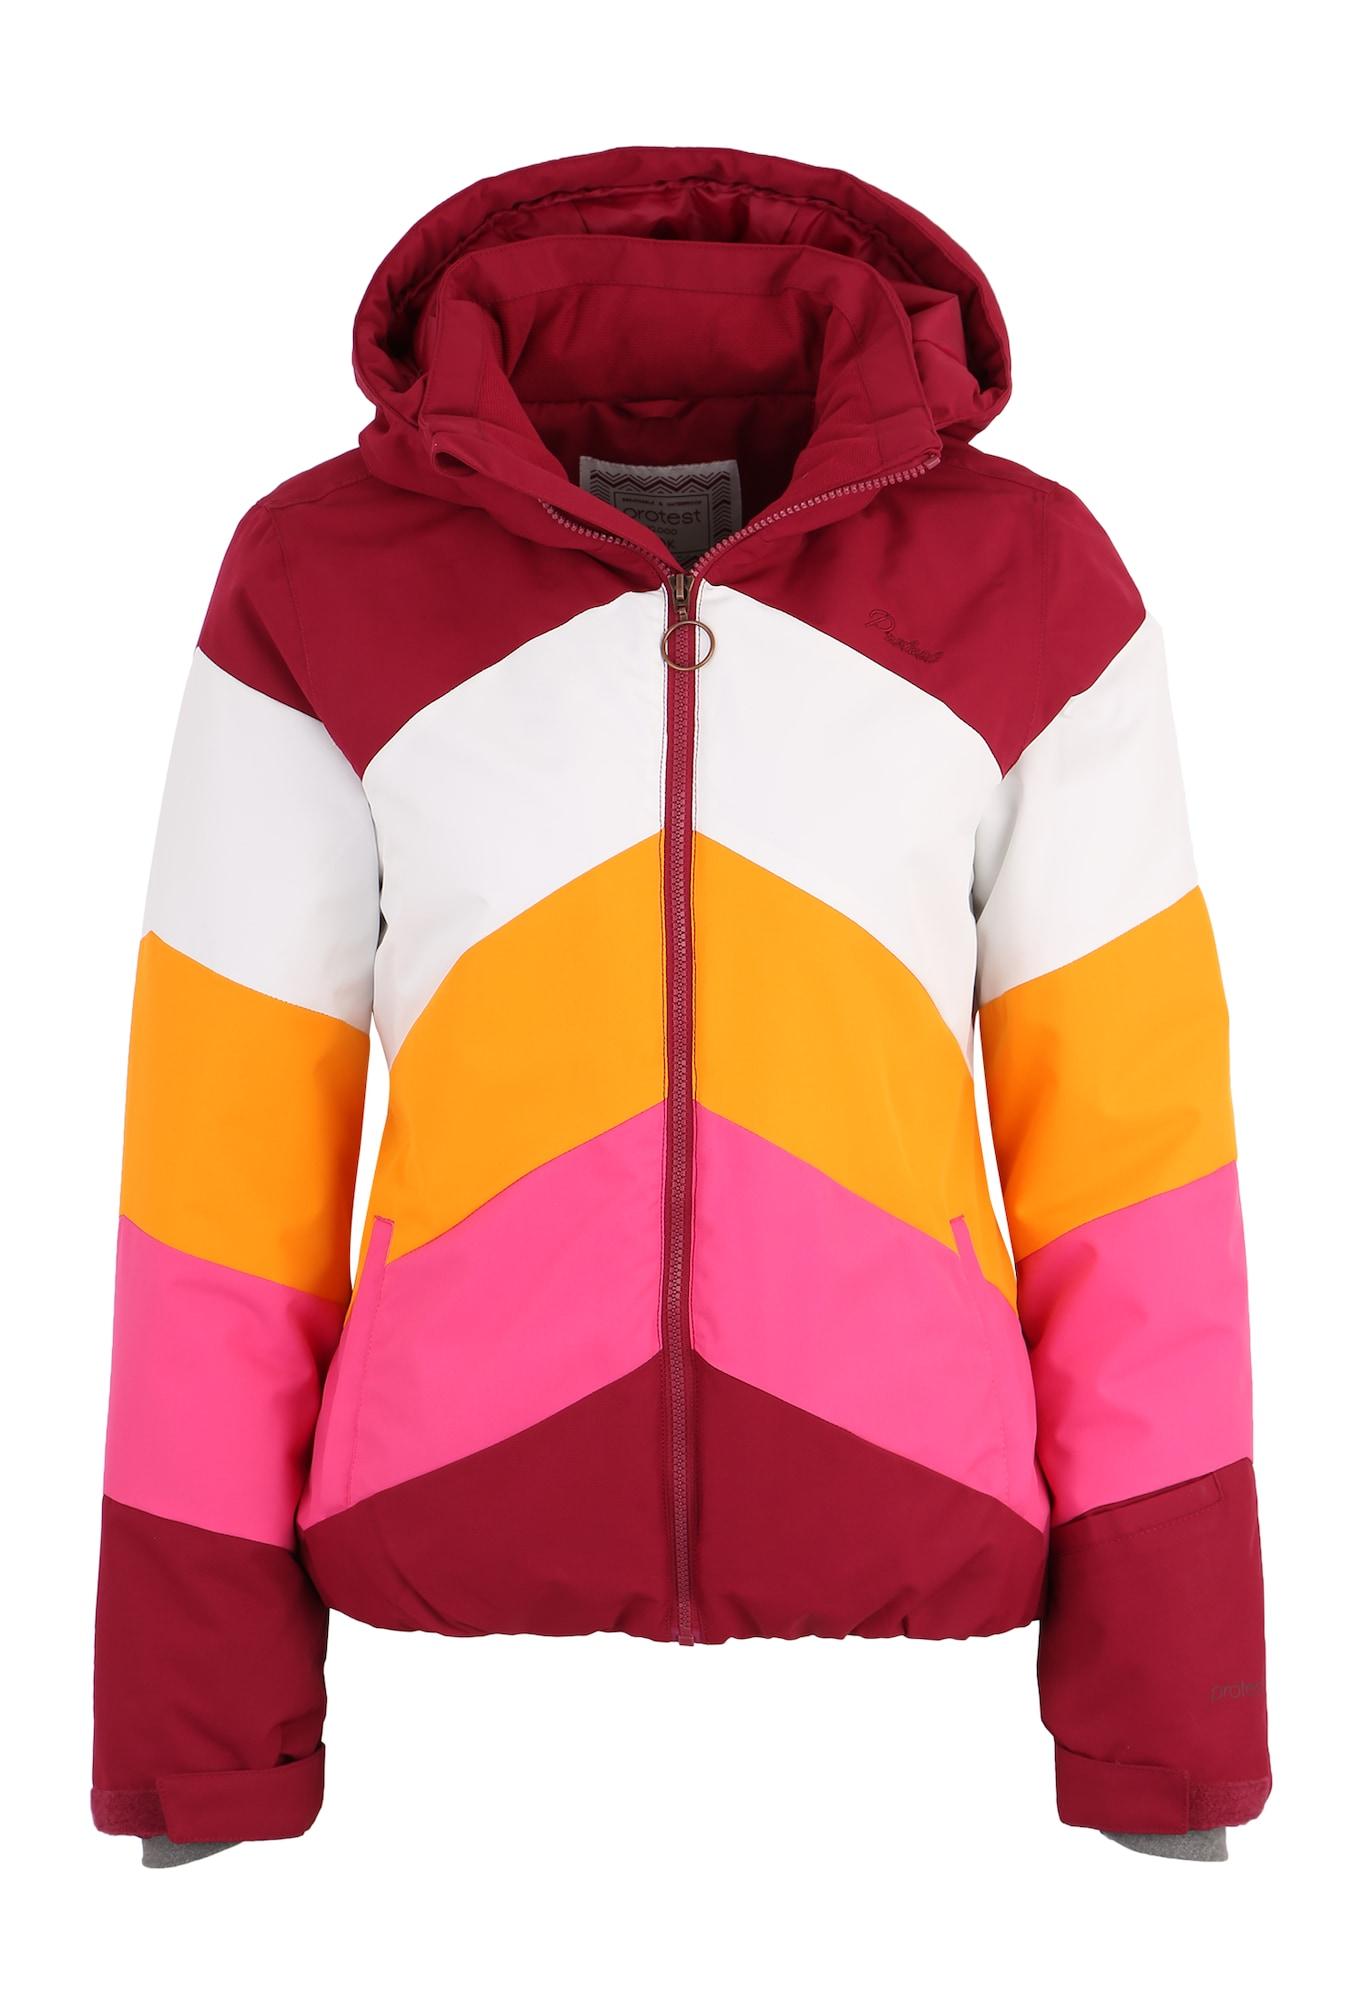 Sportovní bunda Bellini bobule jasně oranžová pink bílá PROTEST